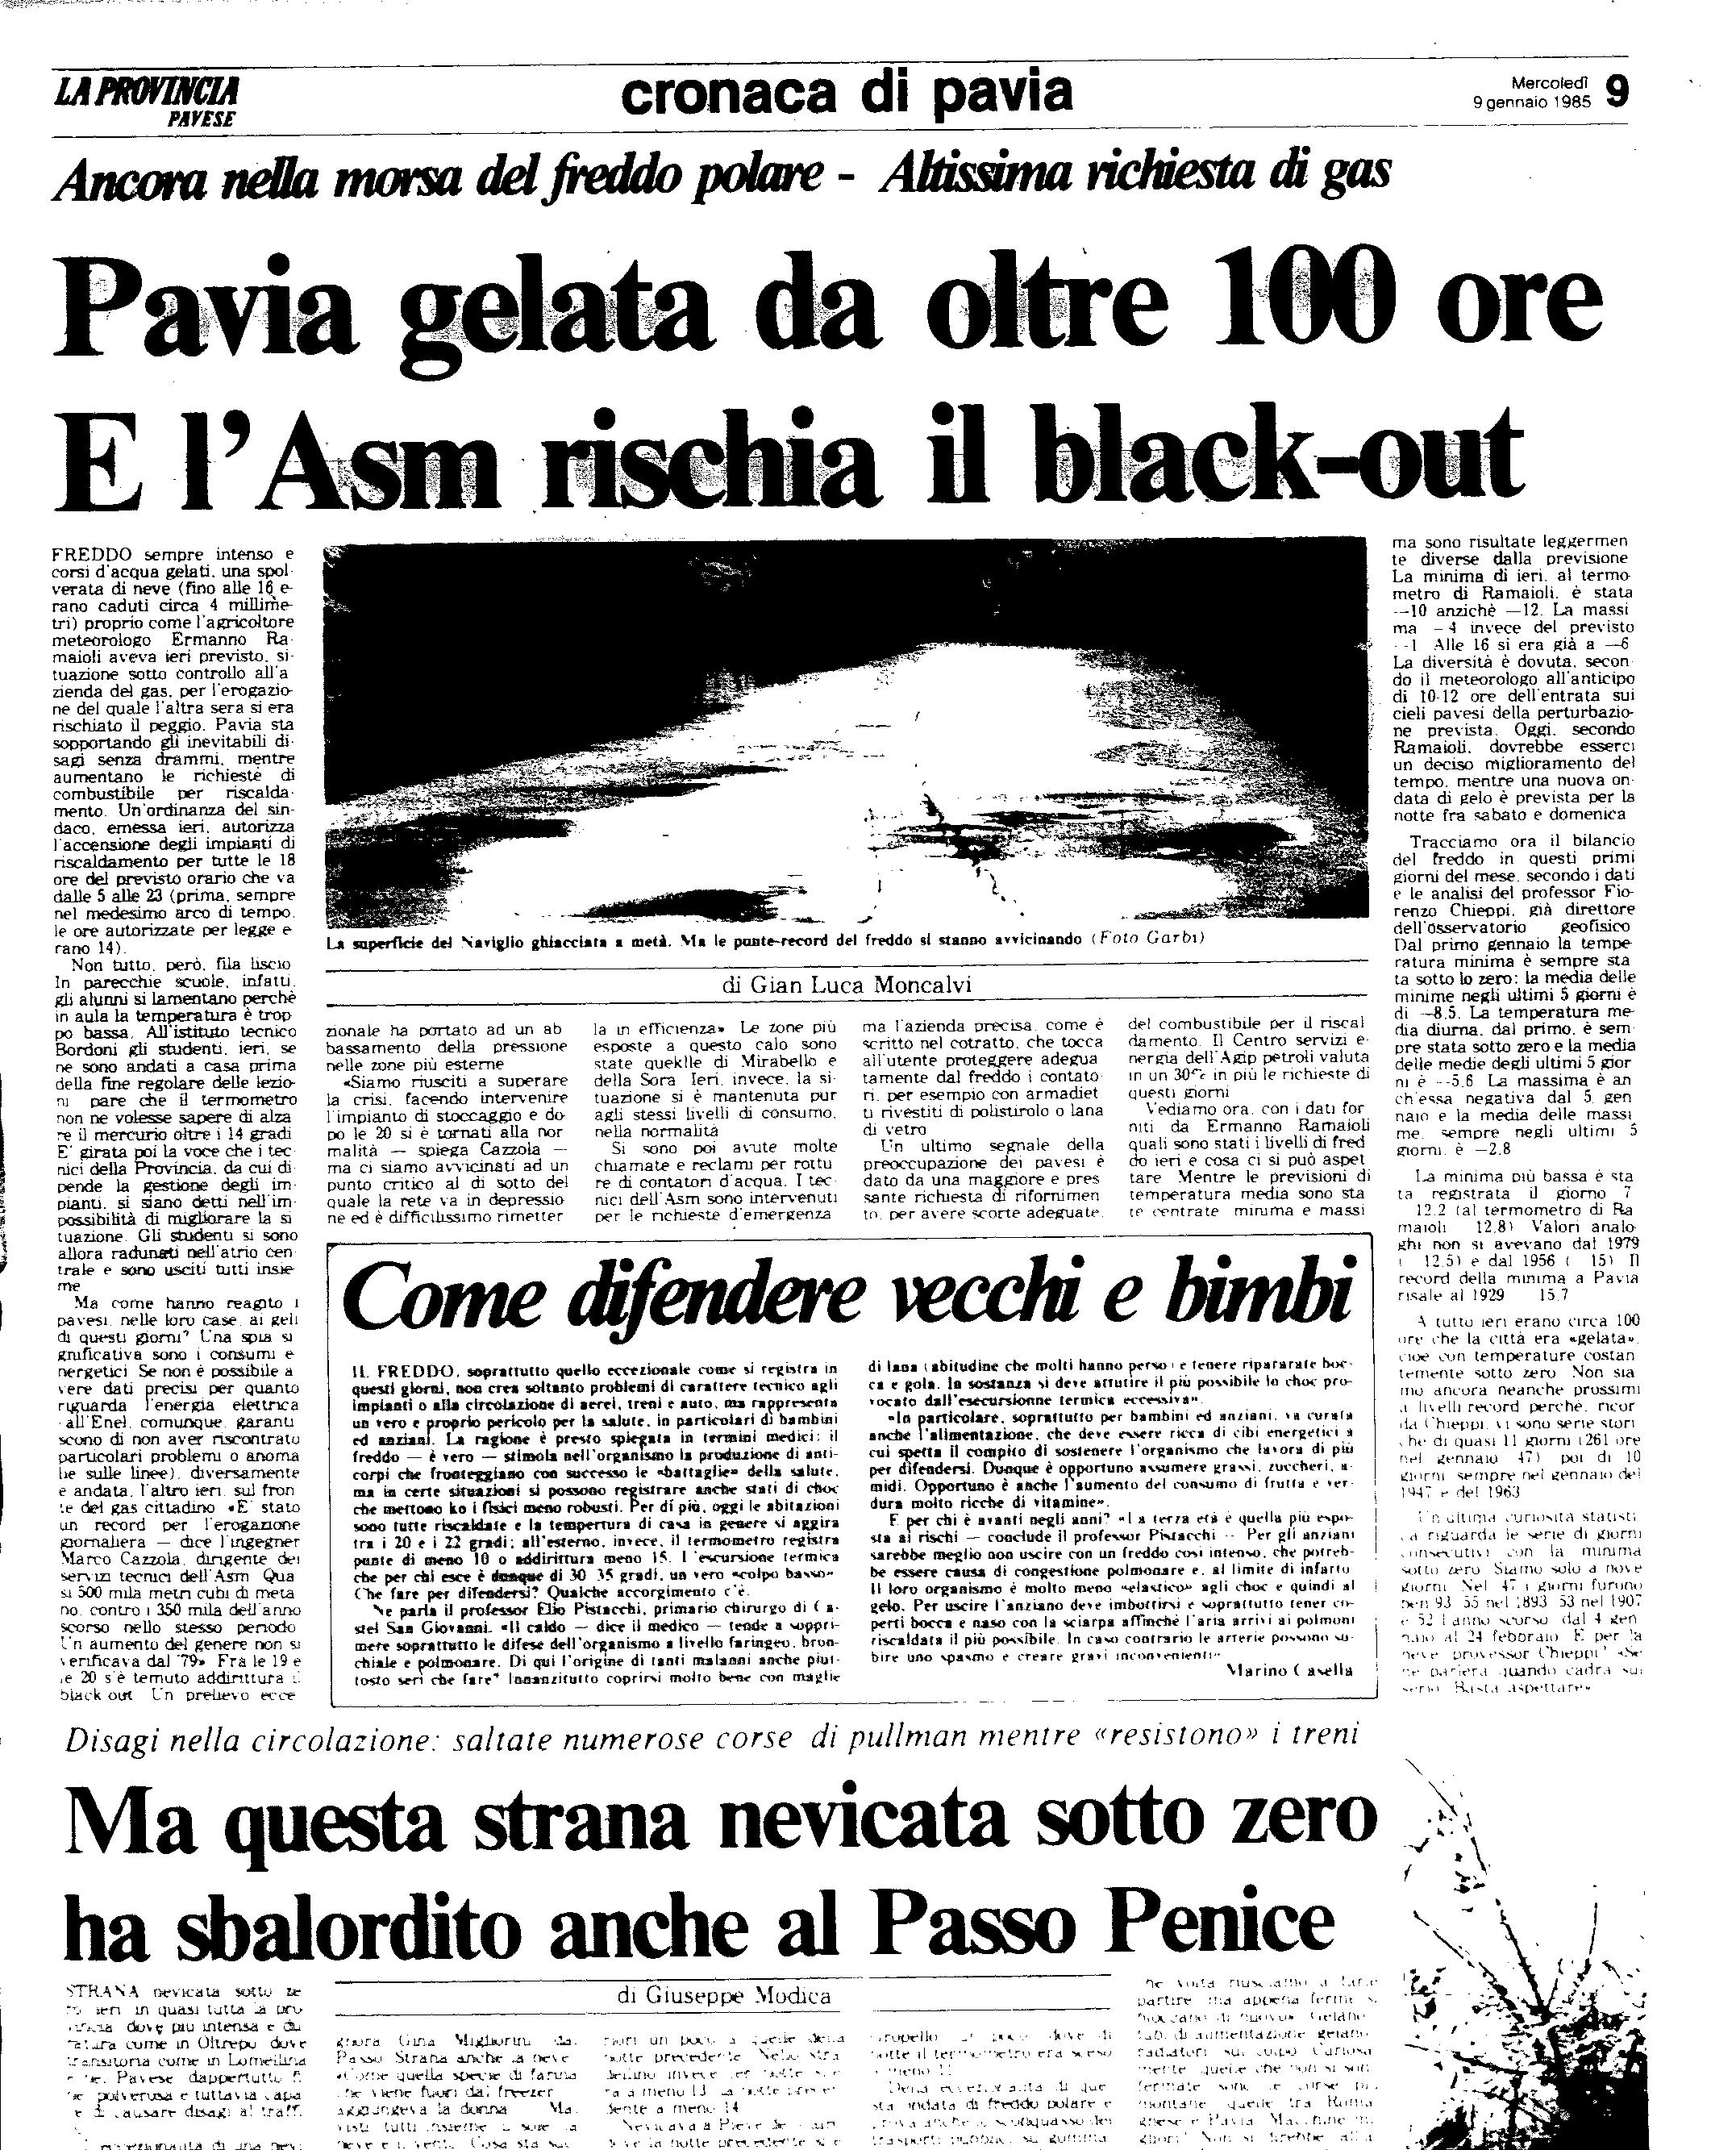 Un altro articolo del 9 Gennaio 1985 de